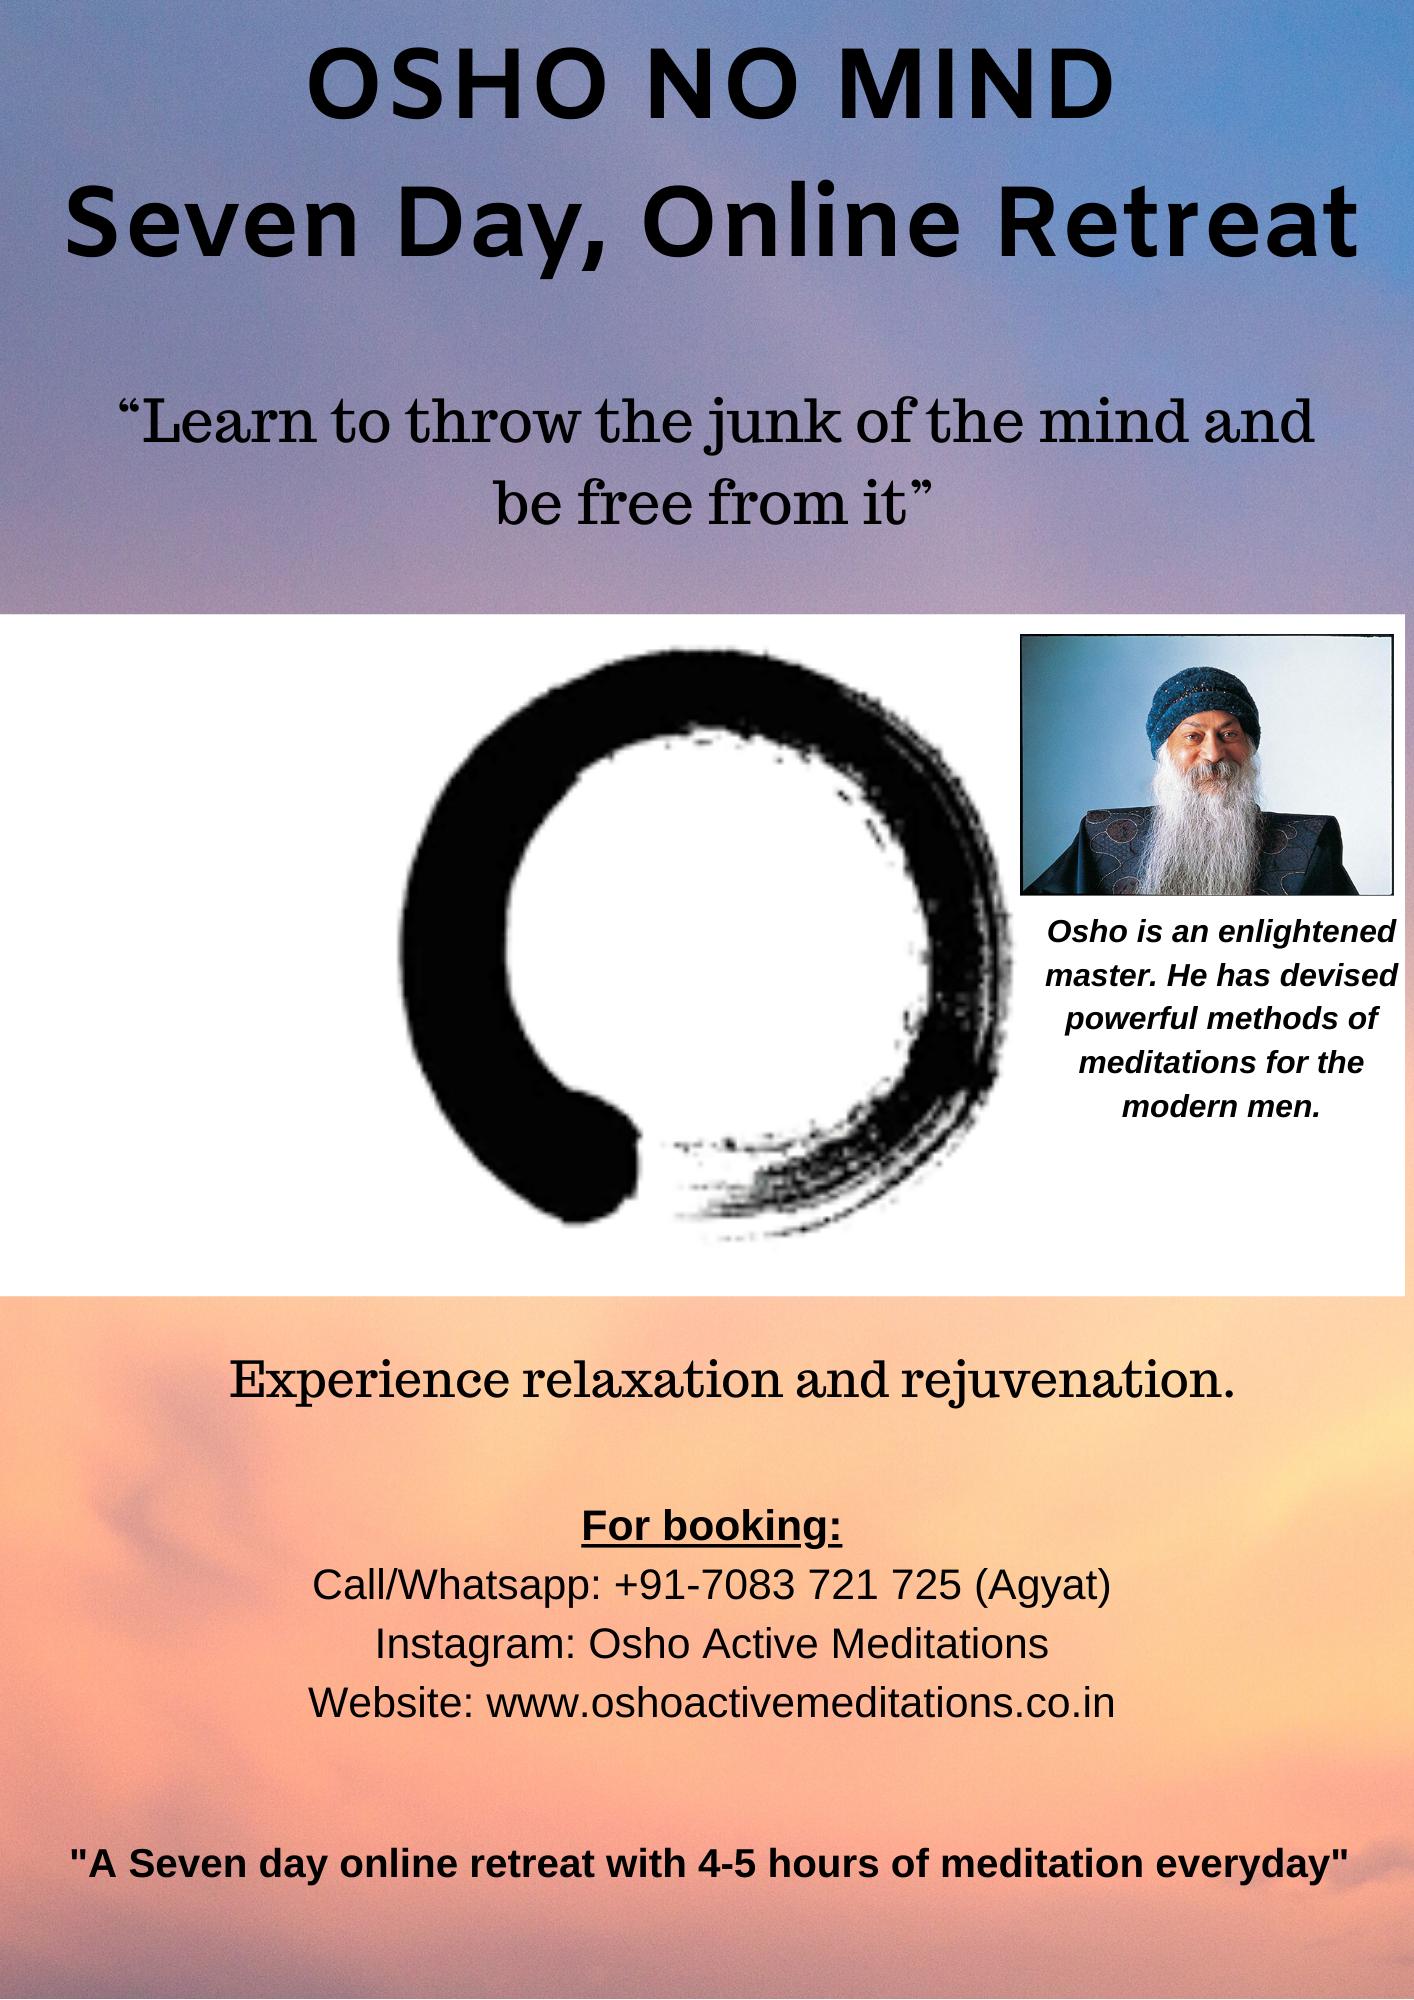 Copy of 7 Days - Osho No Mind Retreat